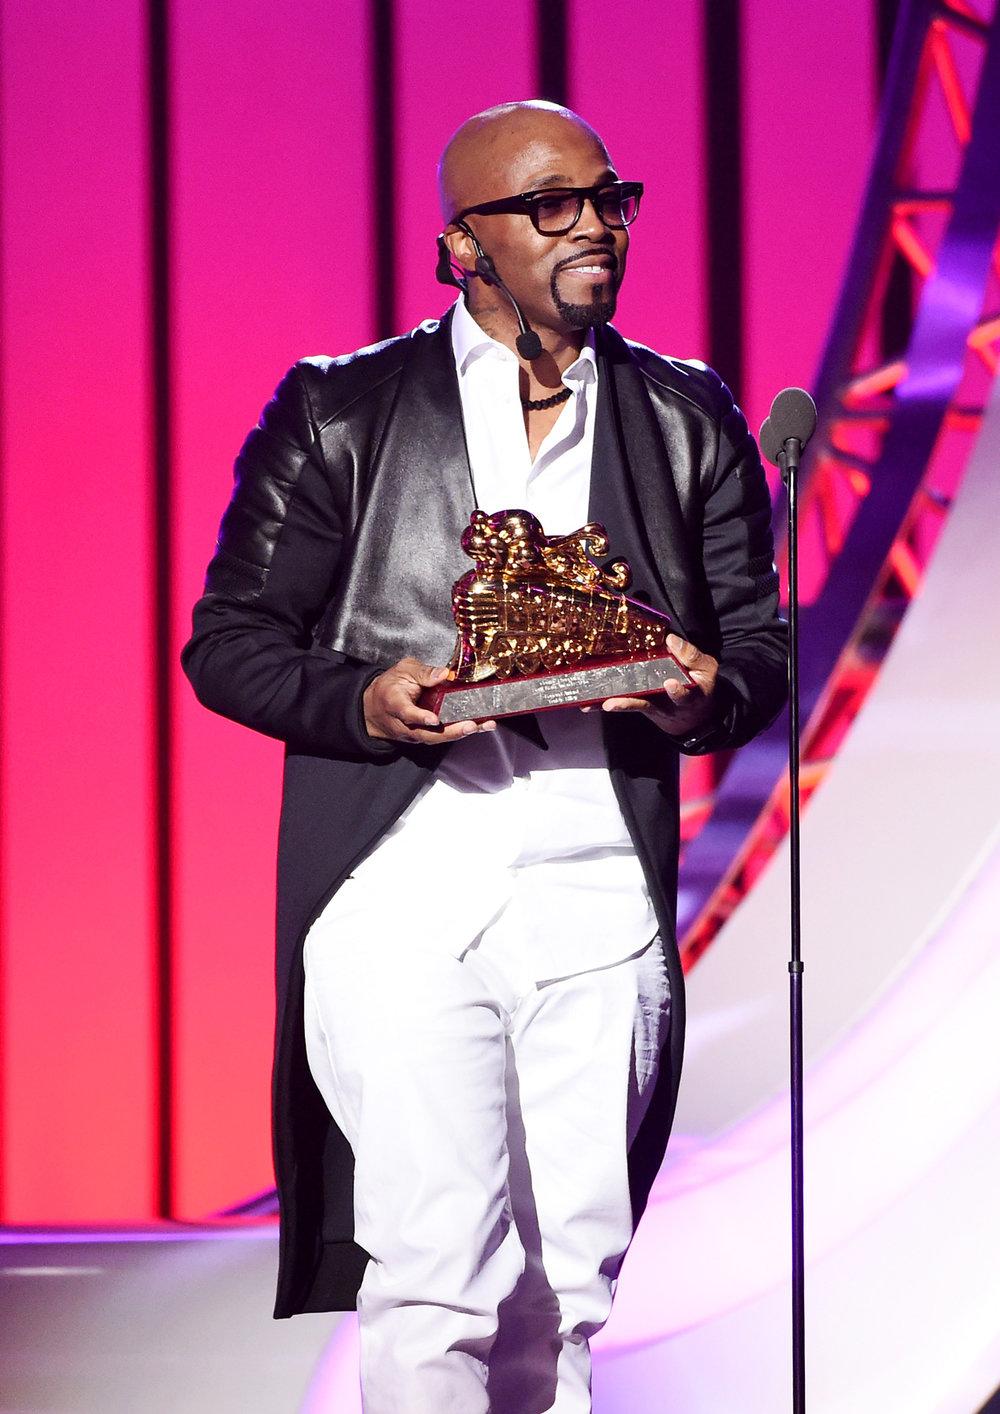 Teddy Riley receiving the Legend Award